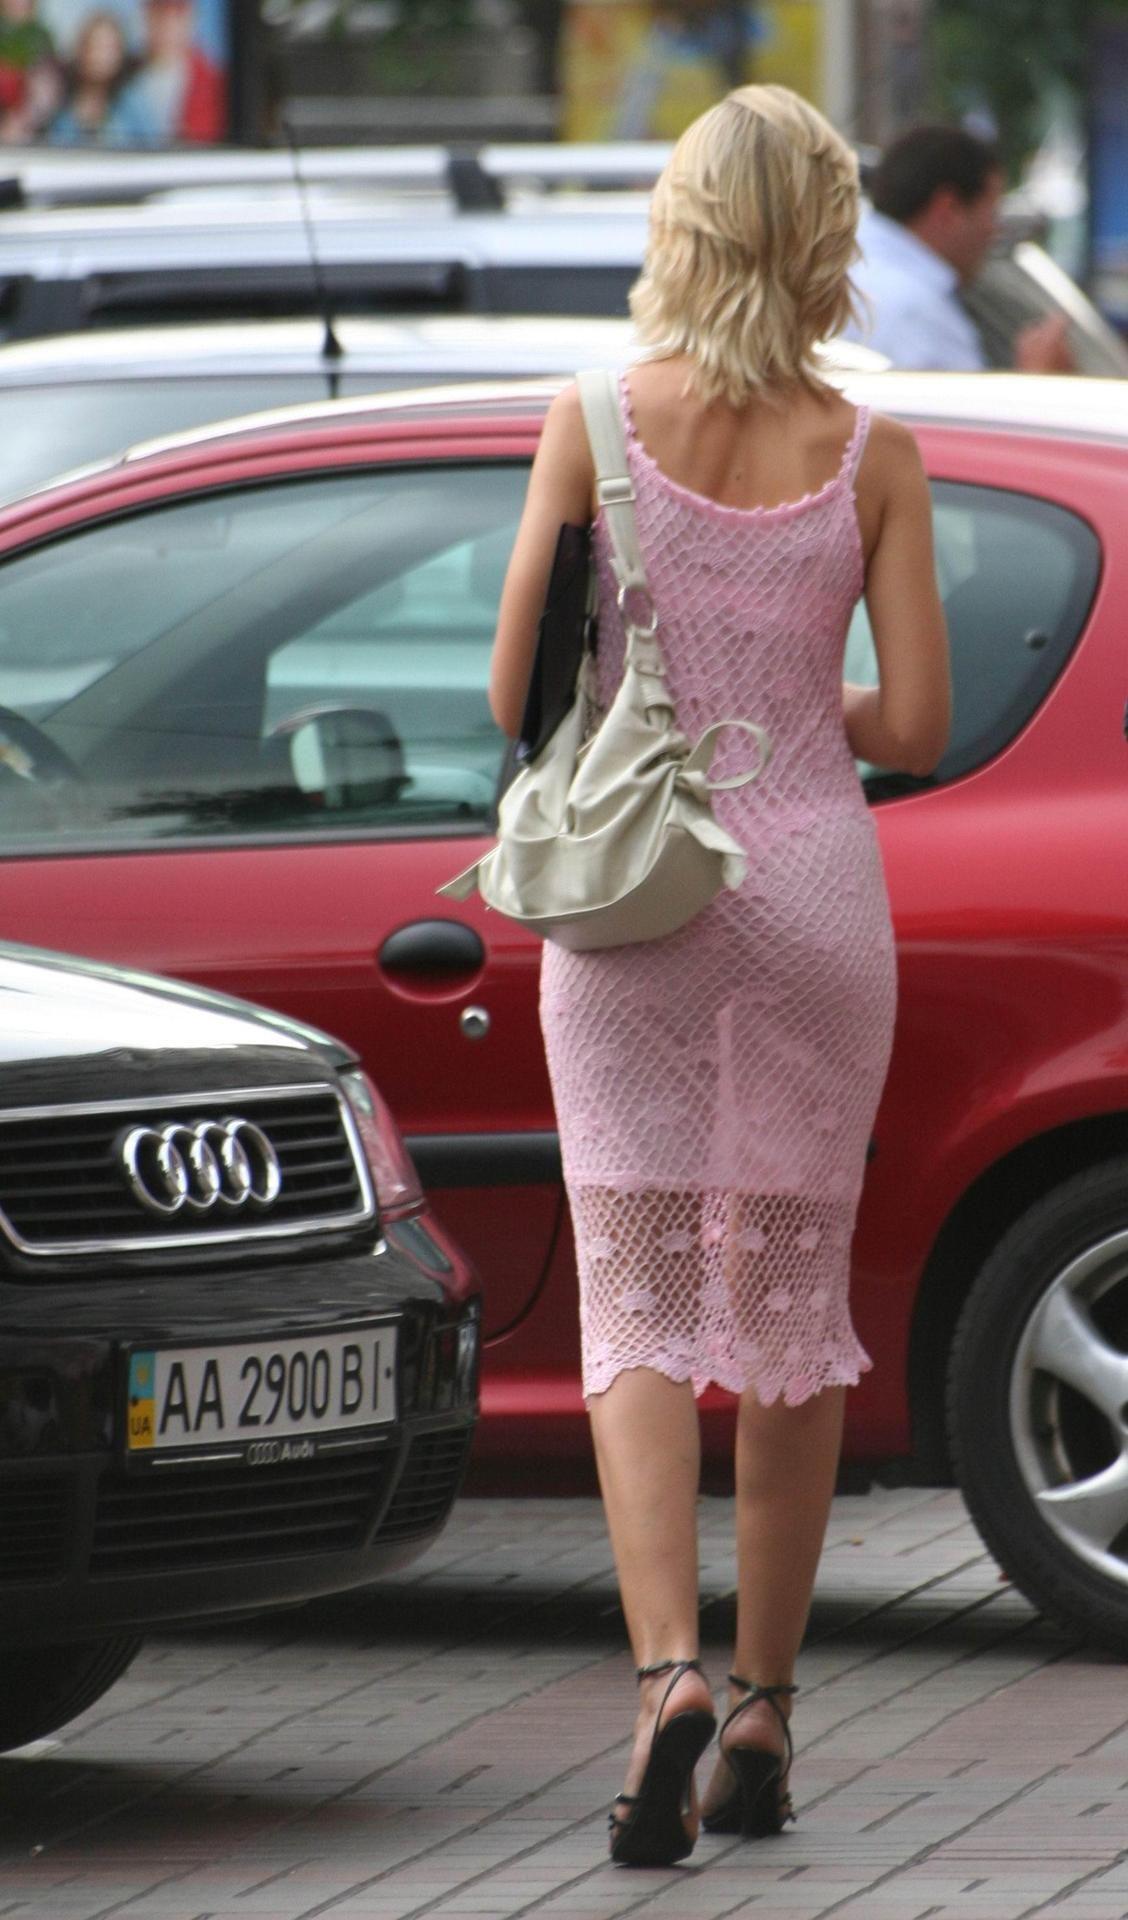 соблазнительно смотрит жена ходит в прозрачной одежде андреем мироновым